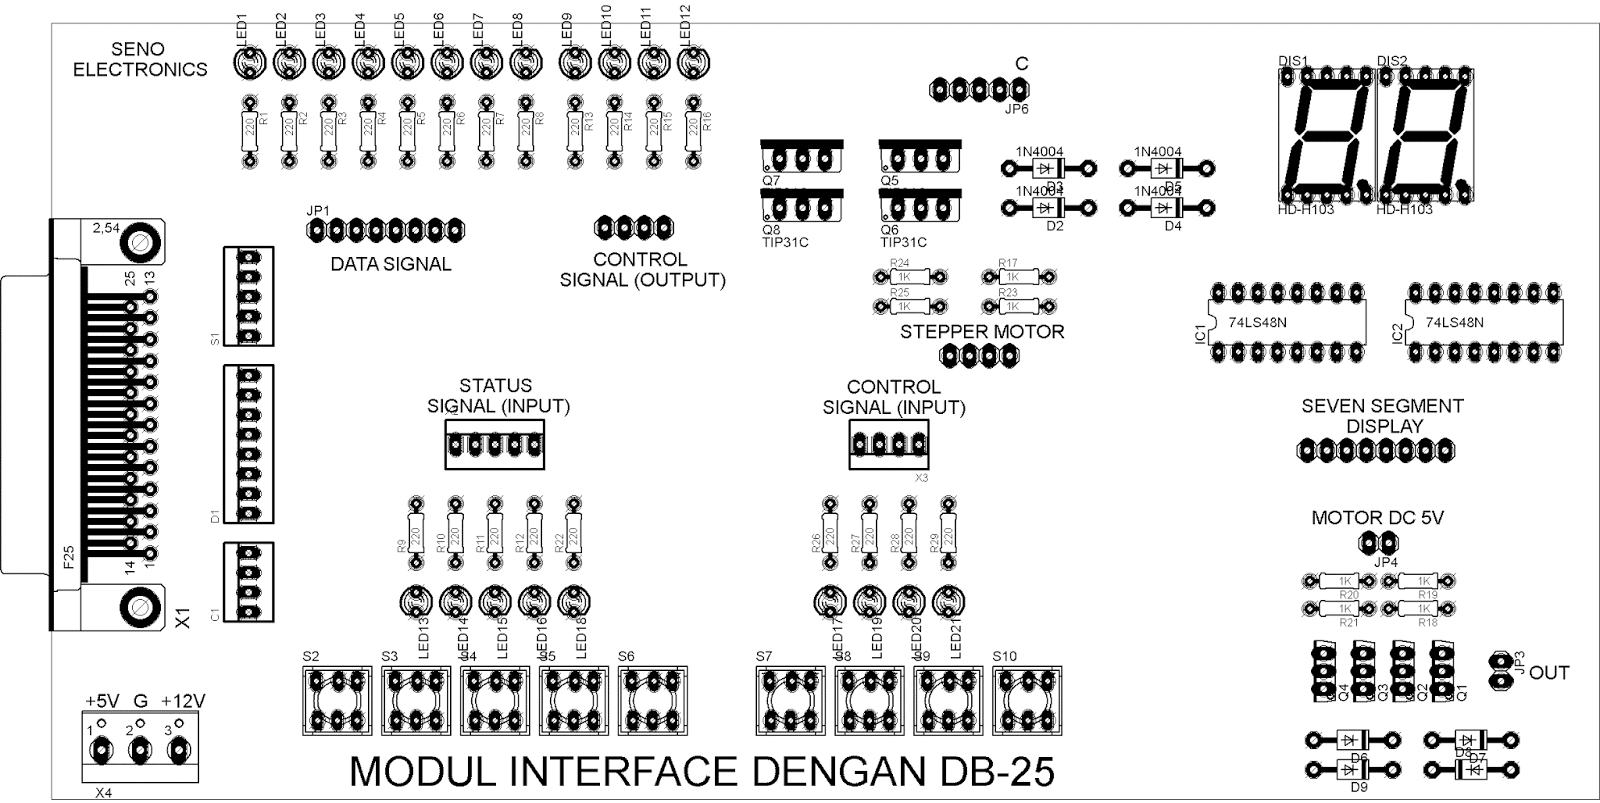 Rangkaian Modul Interface Dengan Db 25 Elektronika Kita